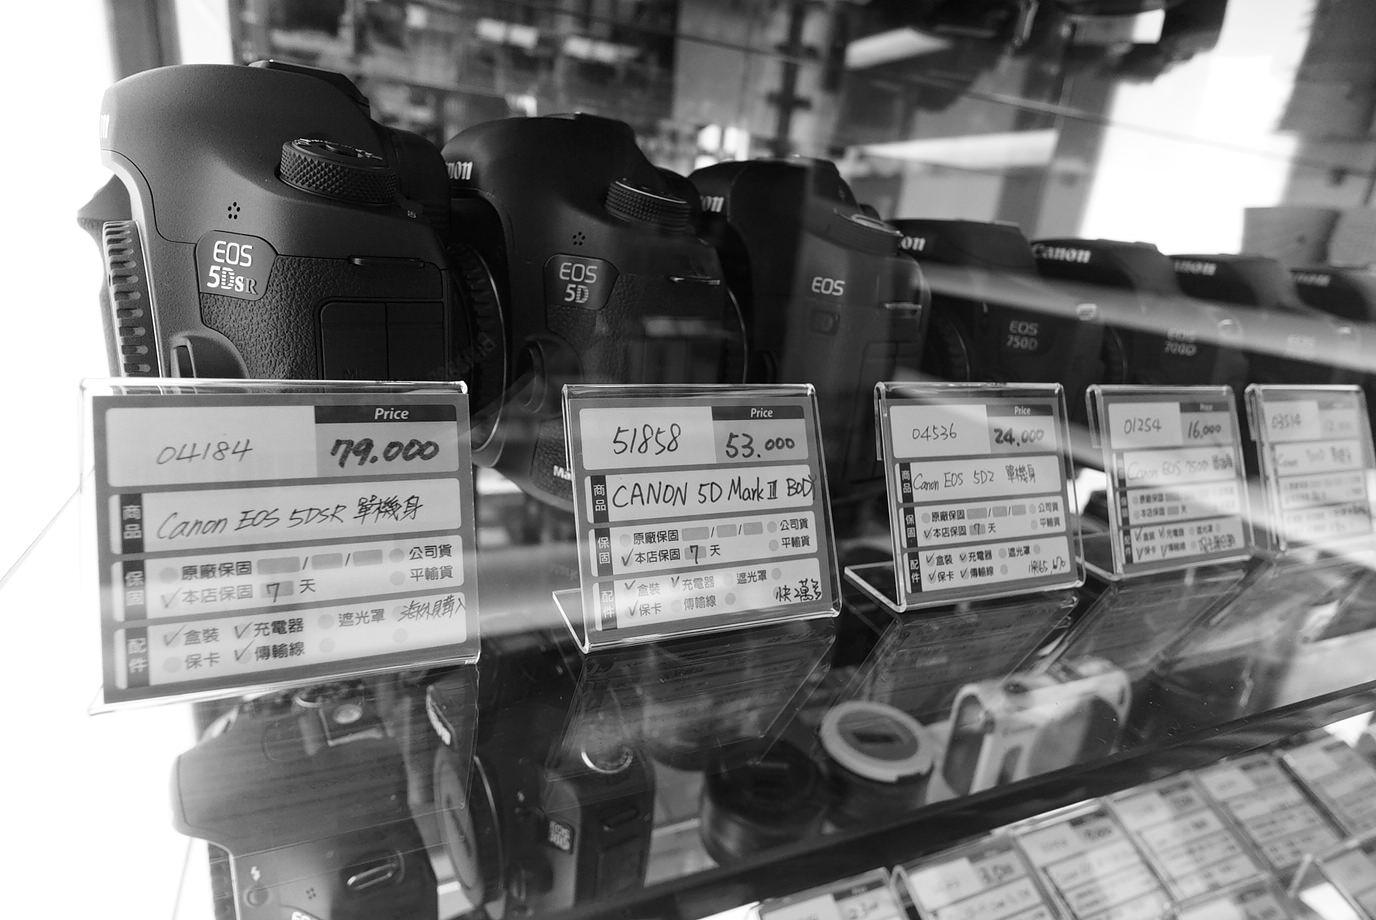 高雄 二手相機